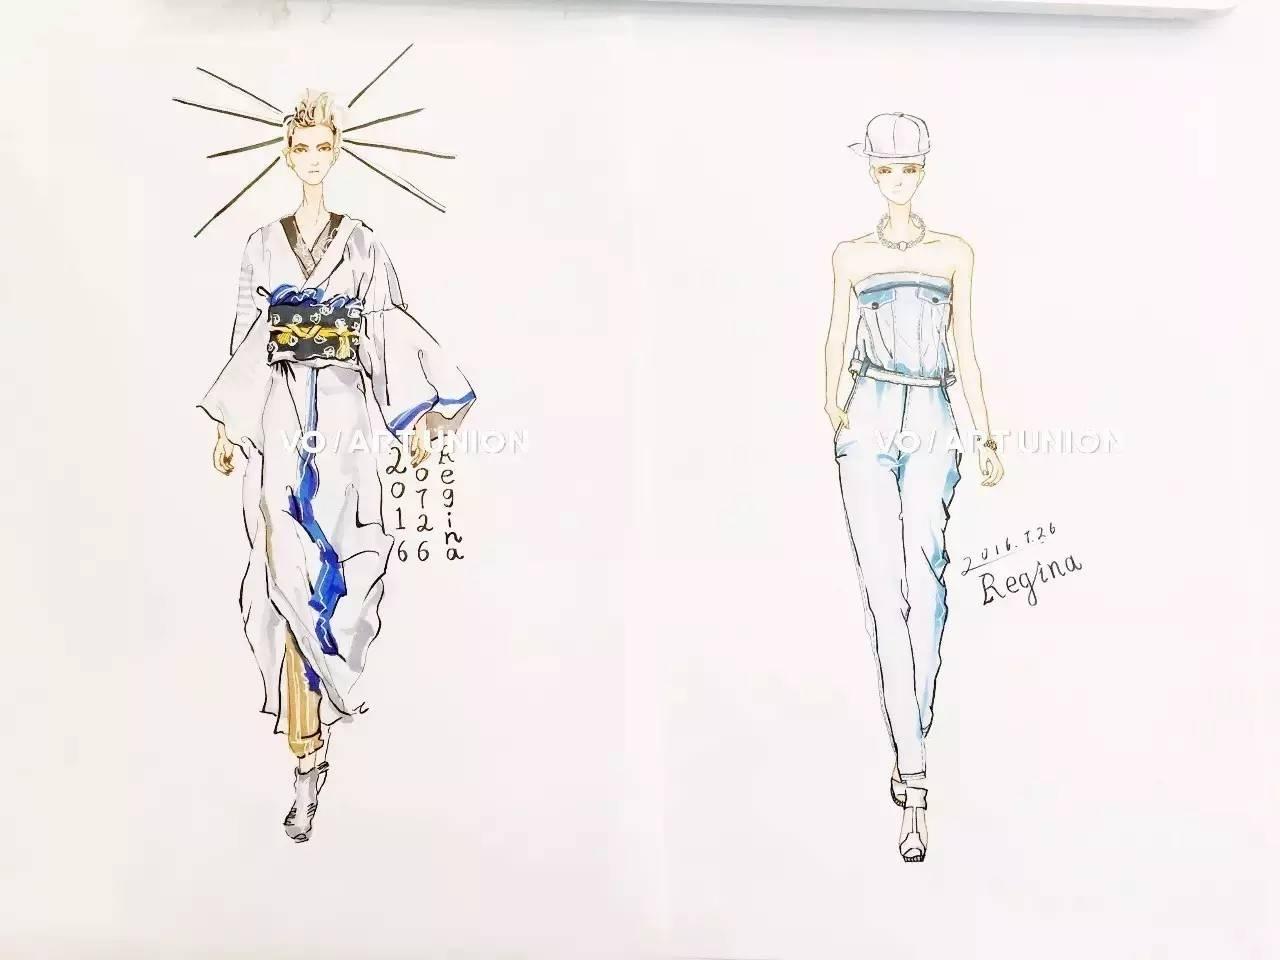 课程| 服装手绘效果图 四大亮点 从人体比例到面料表现,配饰刻画